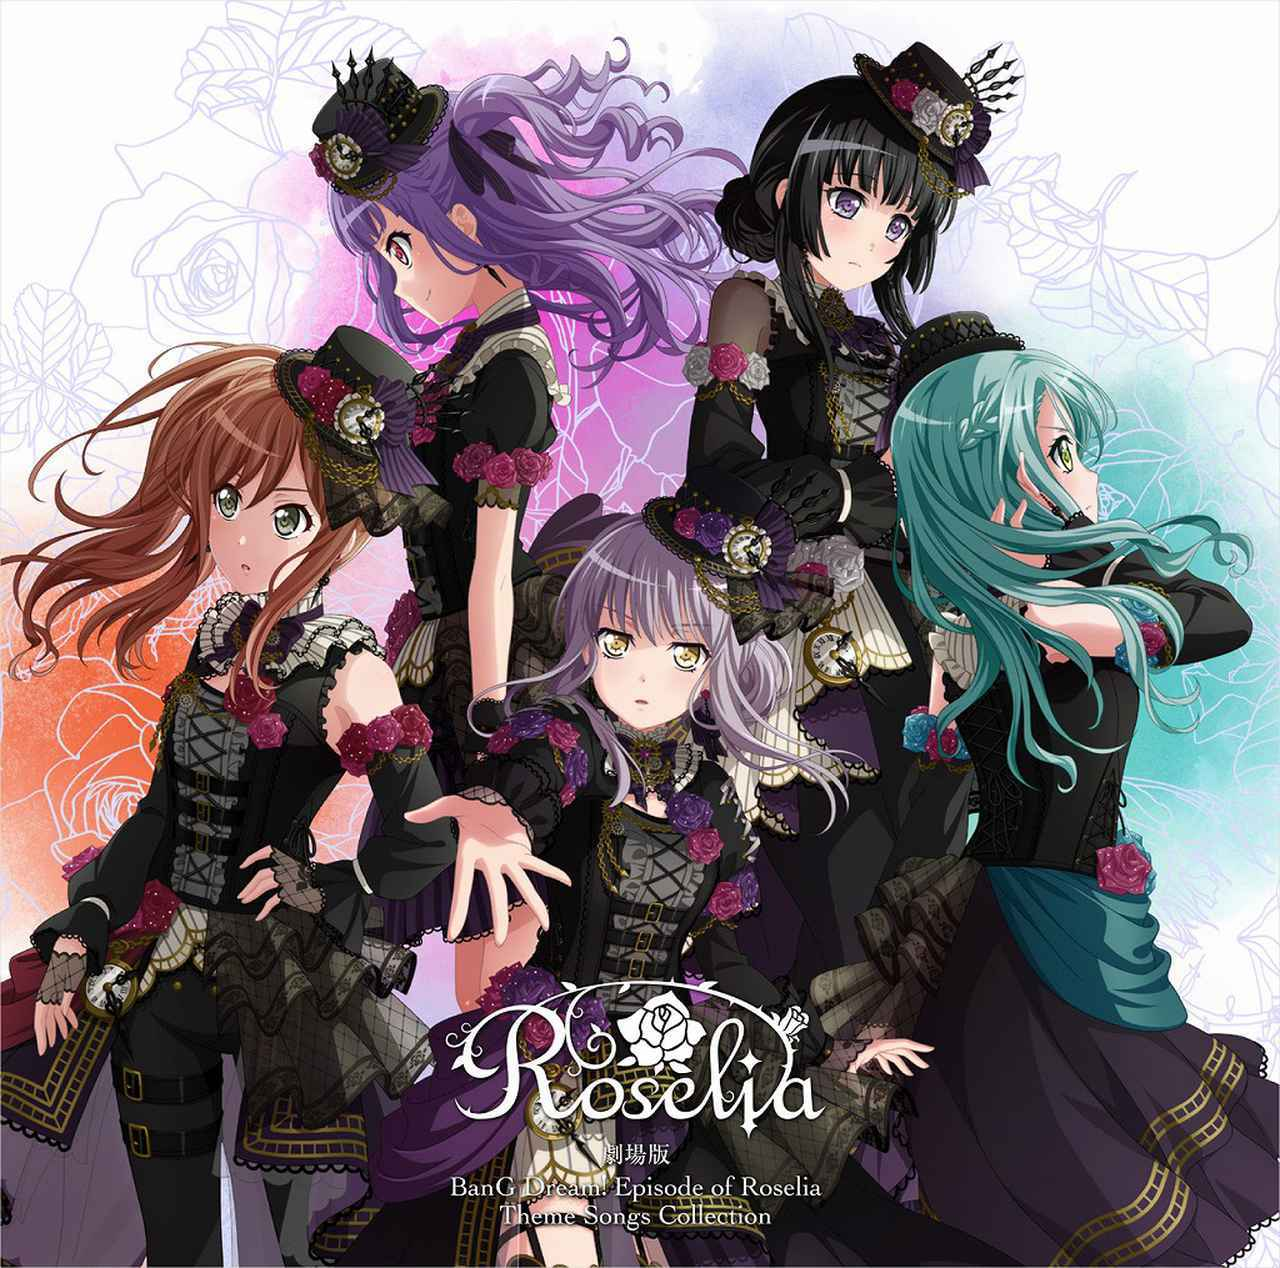 画像: 劇場版「BanG Dream! Episode of Roselia」Theme Songs Collection / Roselia